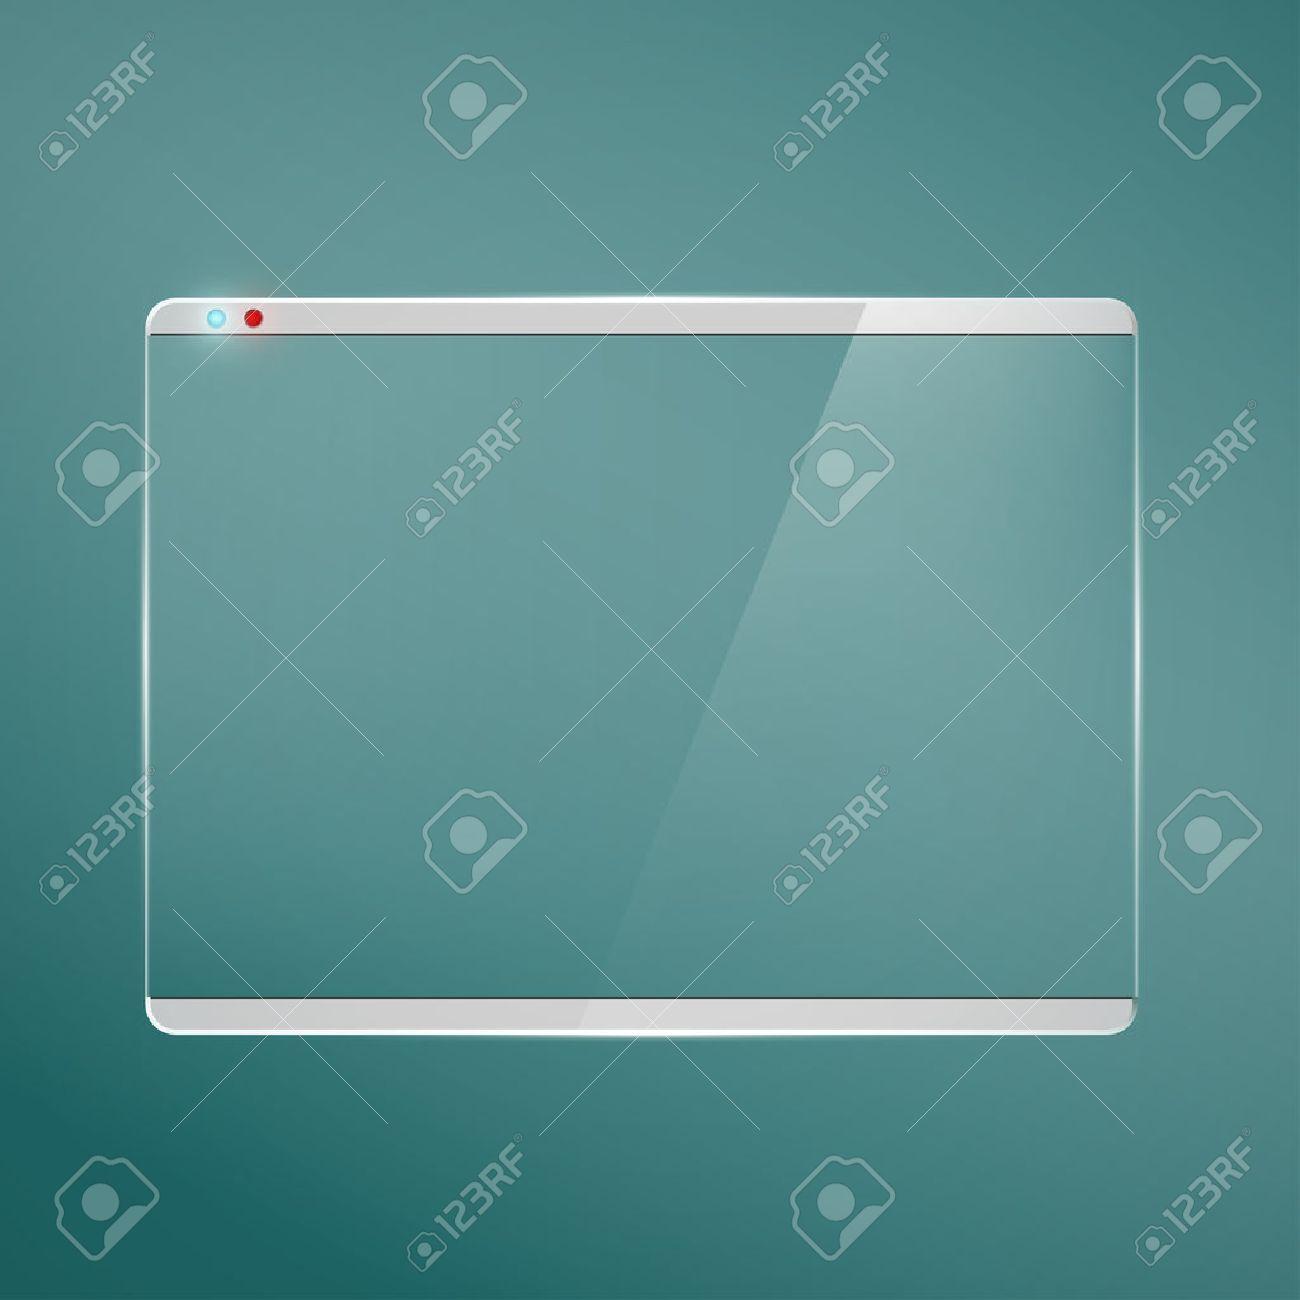 Transparent glass futuristic screen. - 50100141